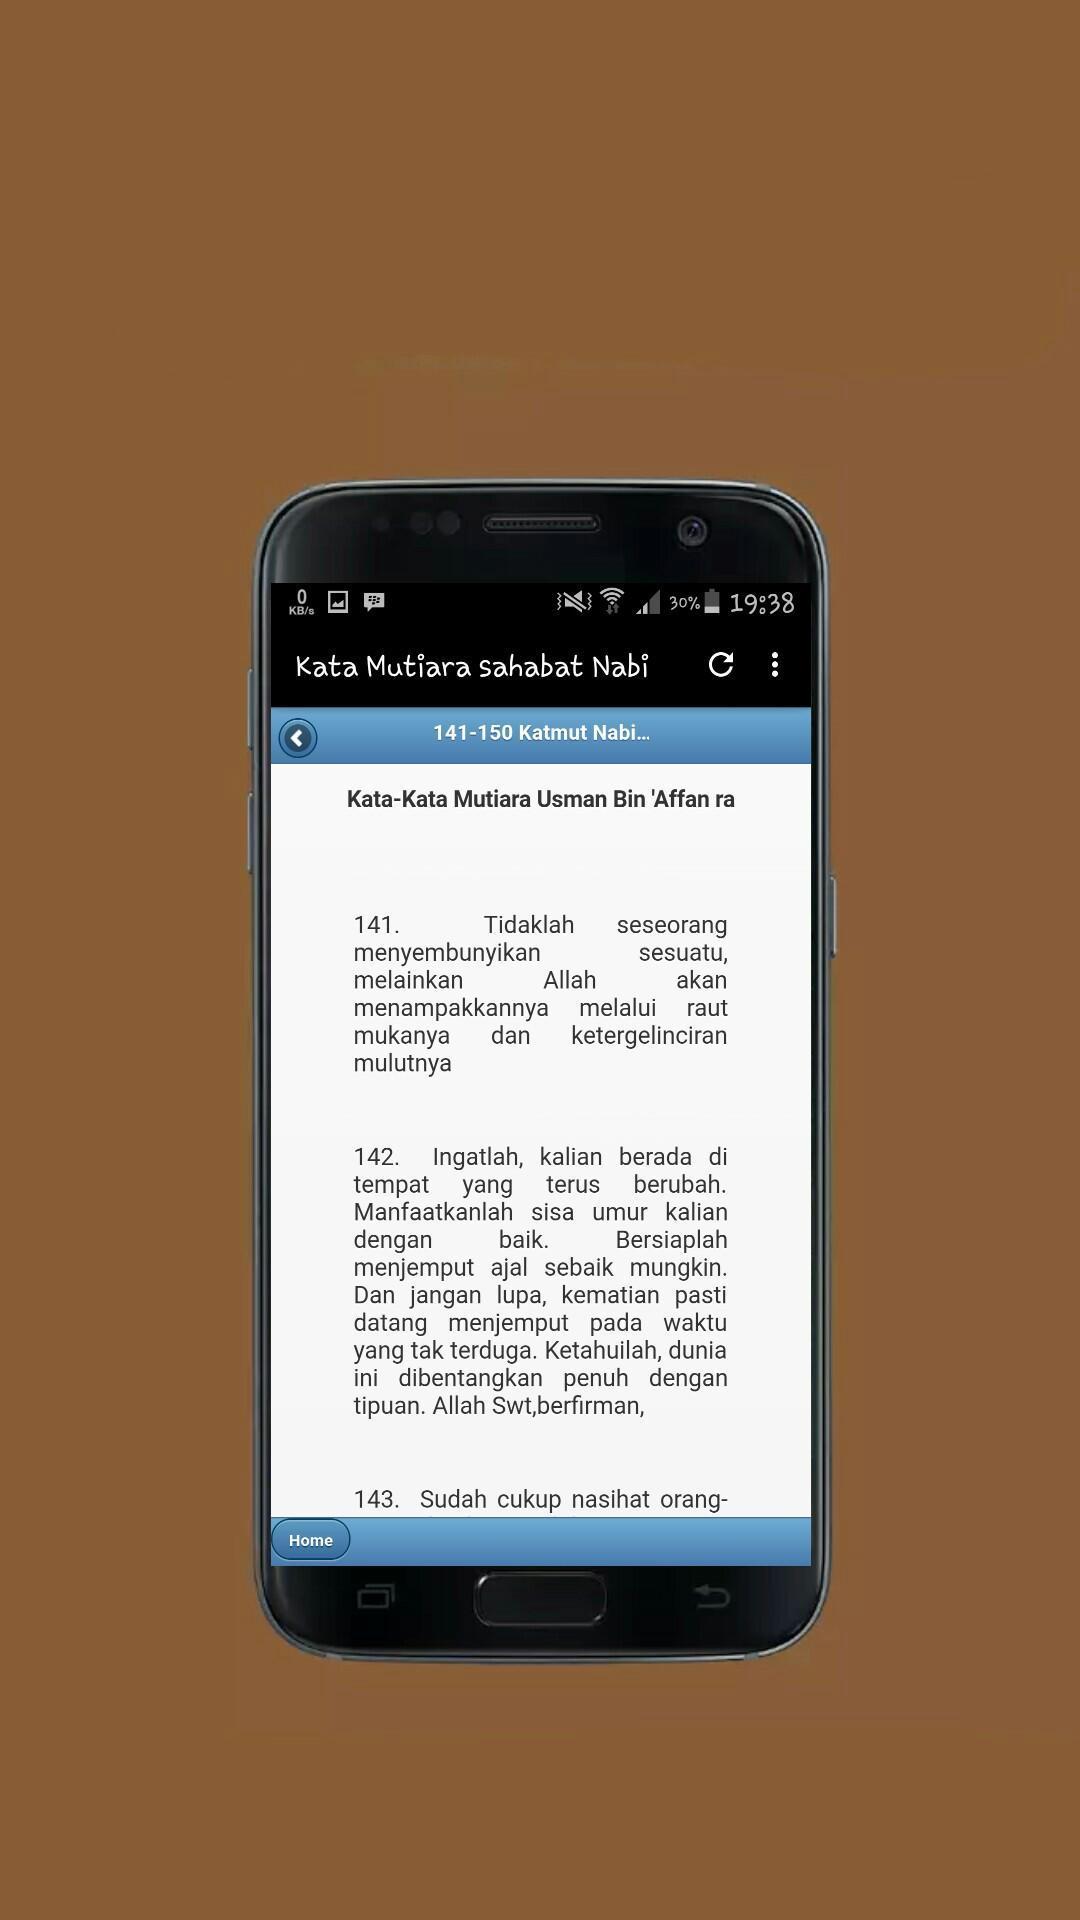 Kata Mutiara Sahabat Nabi Für Android Apk Herunterladen